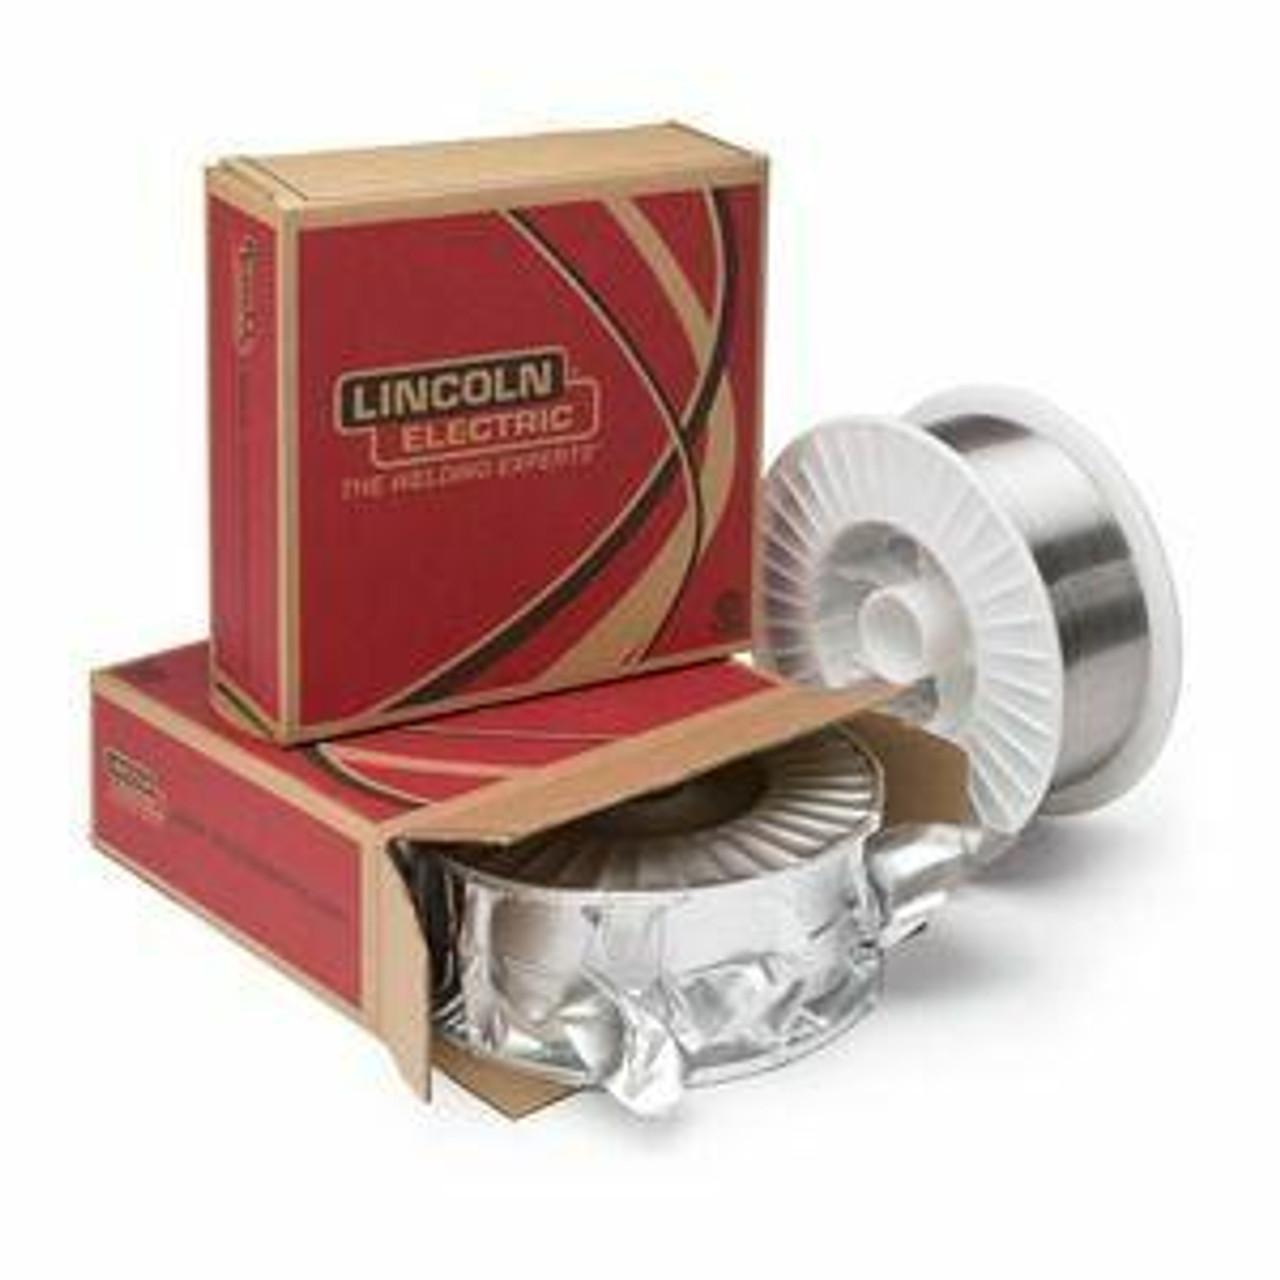 Lincoln Electric LINCOLN - PRIMALLOY T-439TI - AWS EC439